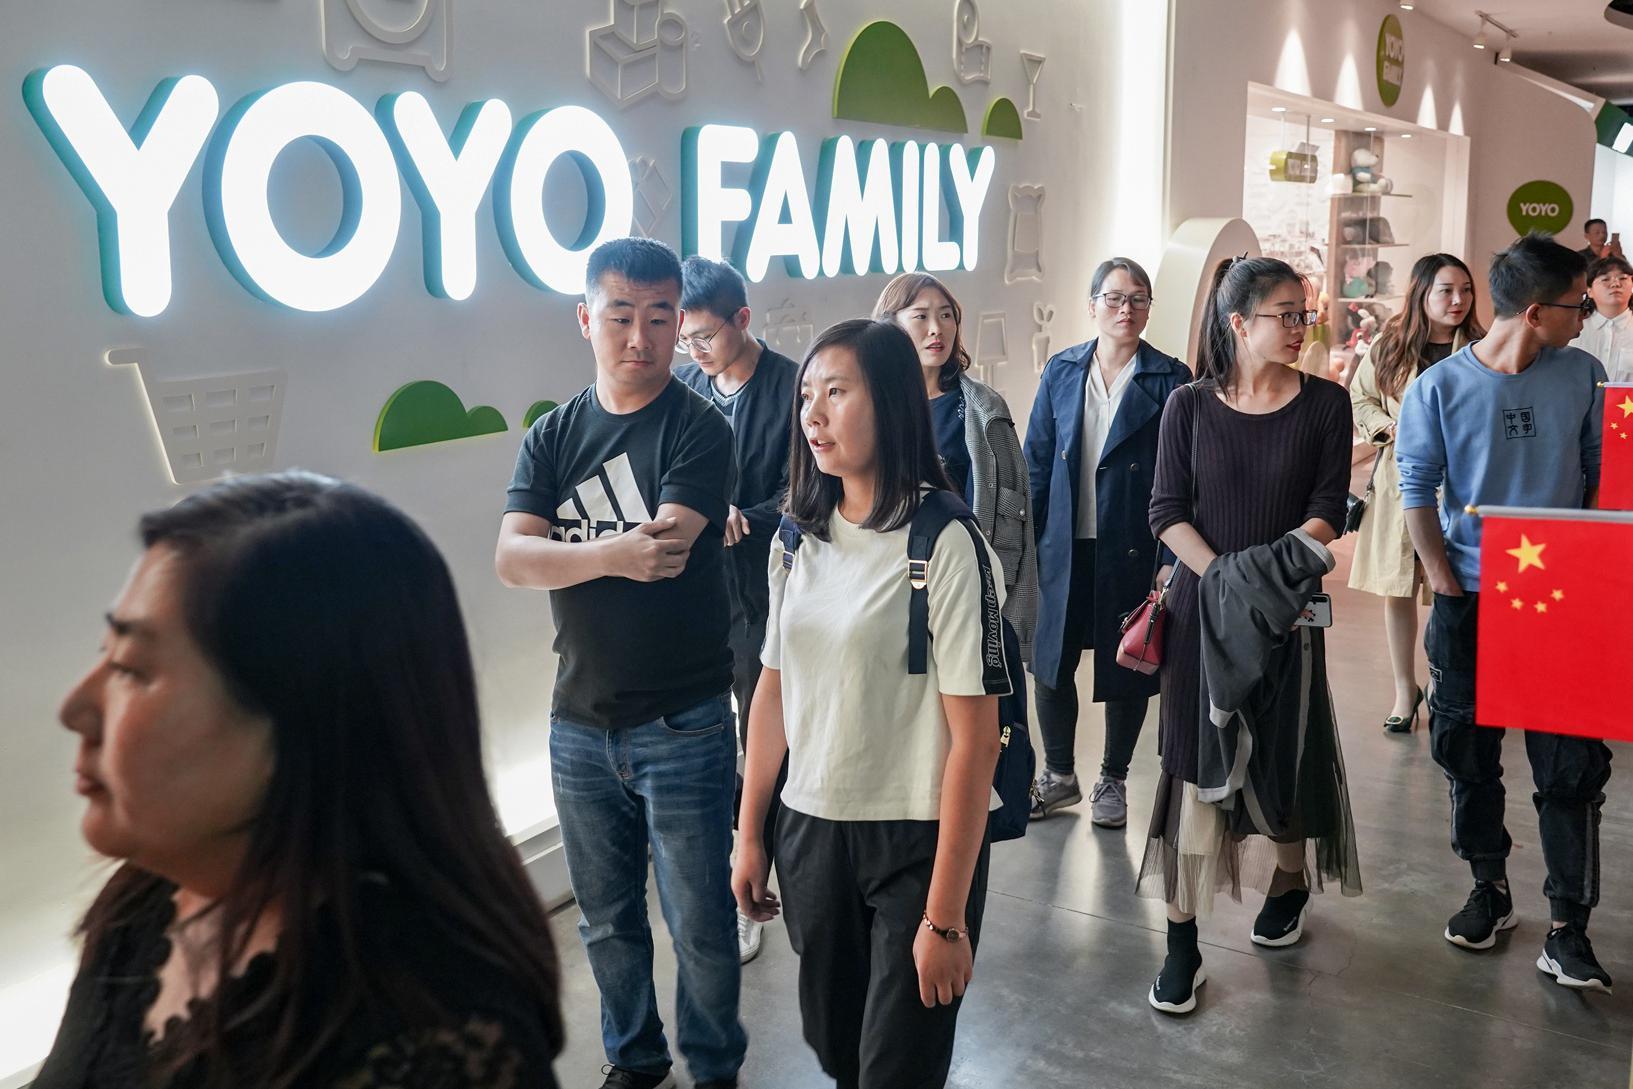 韩尚优品解读:什么才是消费者心中想要的快时尚百货?